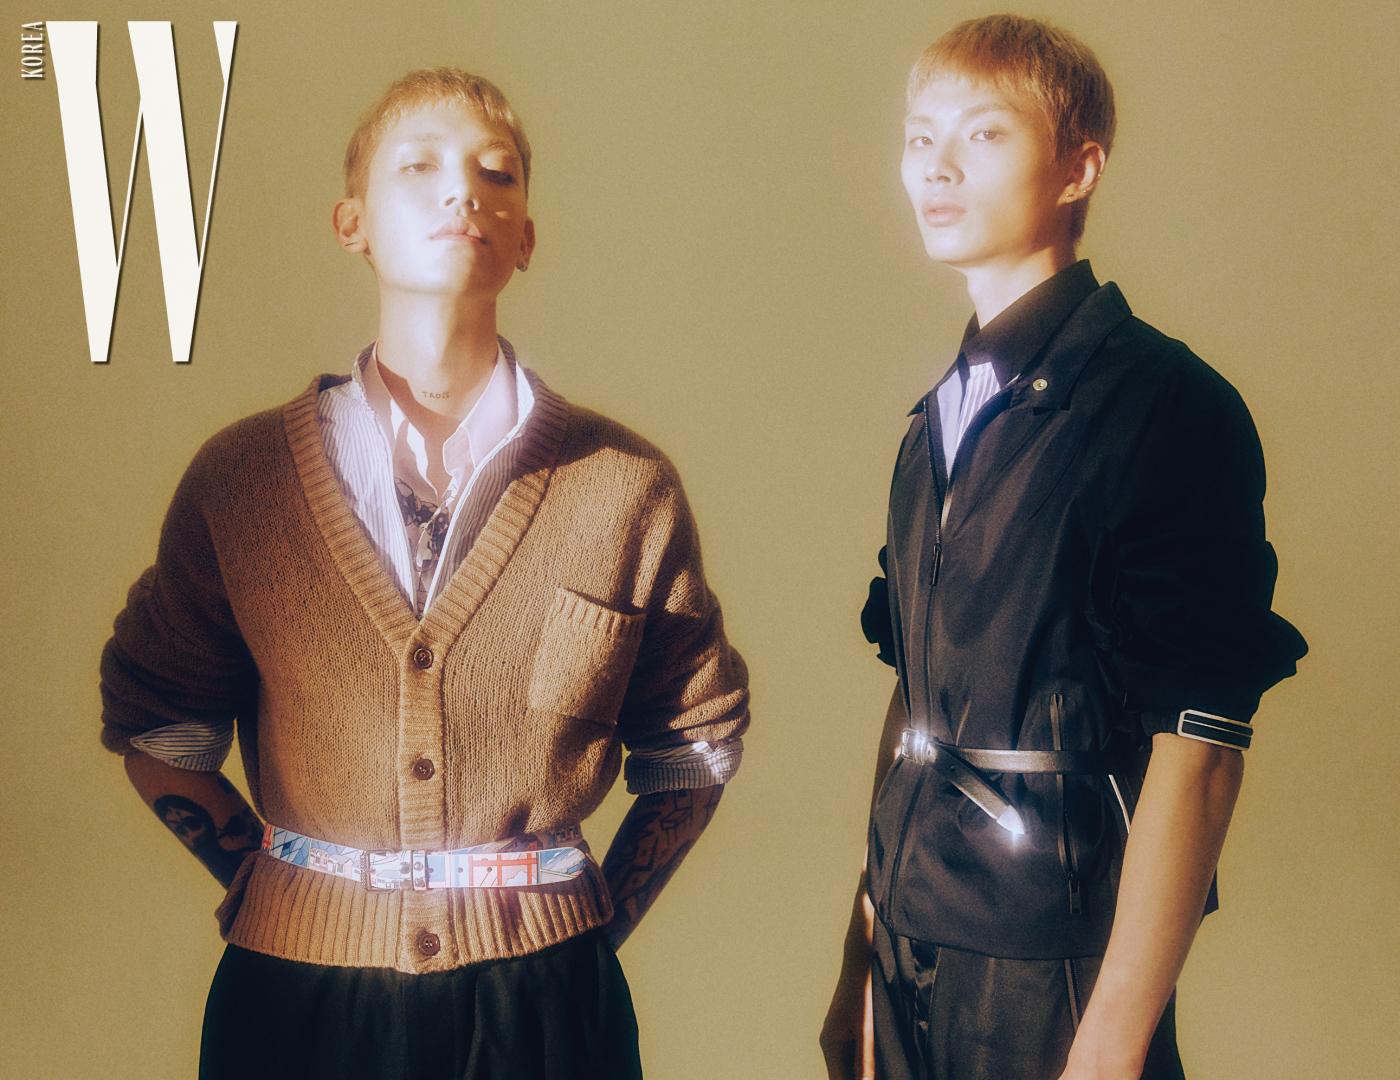 주영이 입은 셔츠, 카디건, 벨트, 주노가 입은 재킷, 셔츠, 팬츠, 벨트는 모두 프라다 제품.